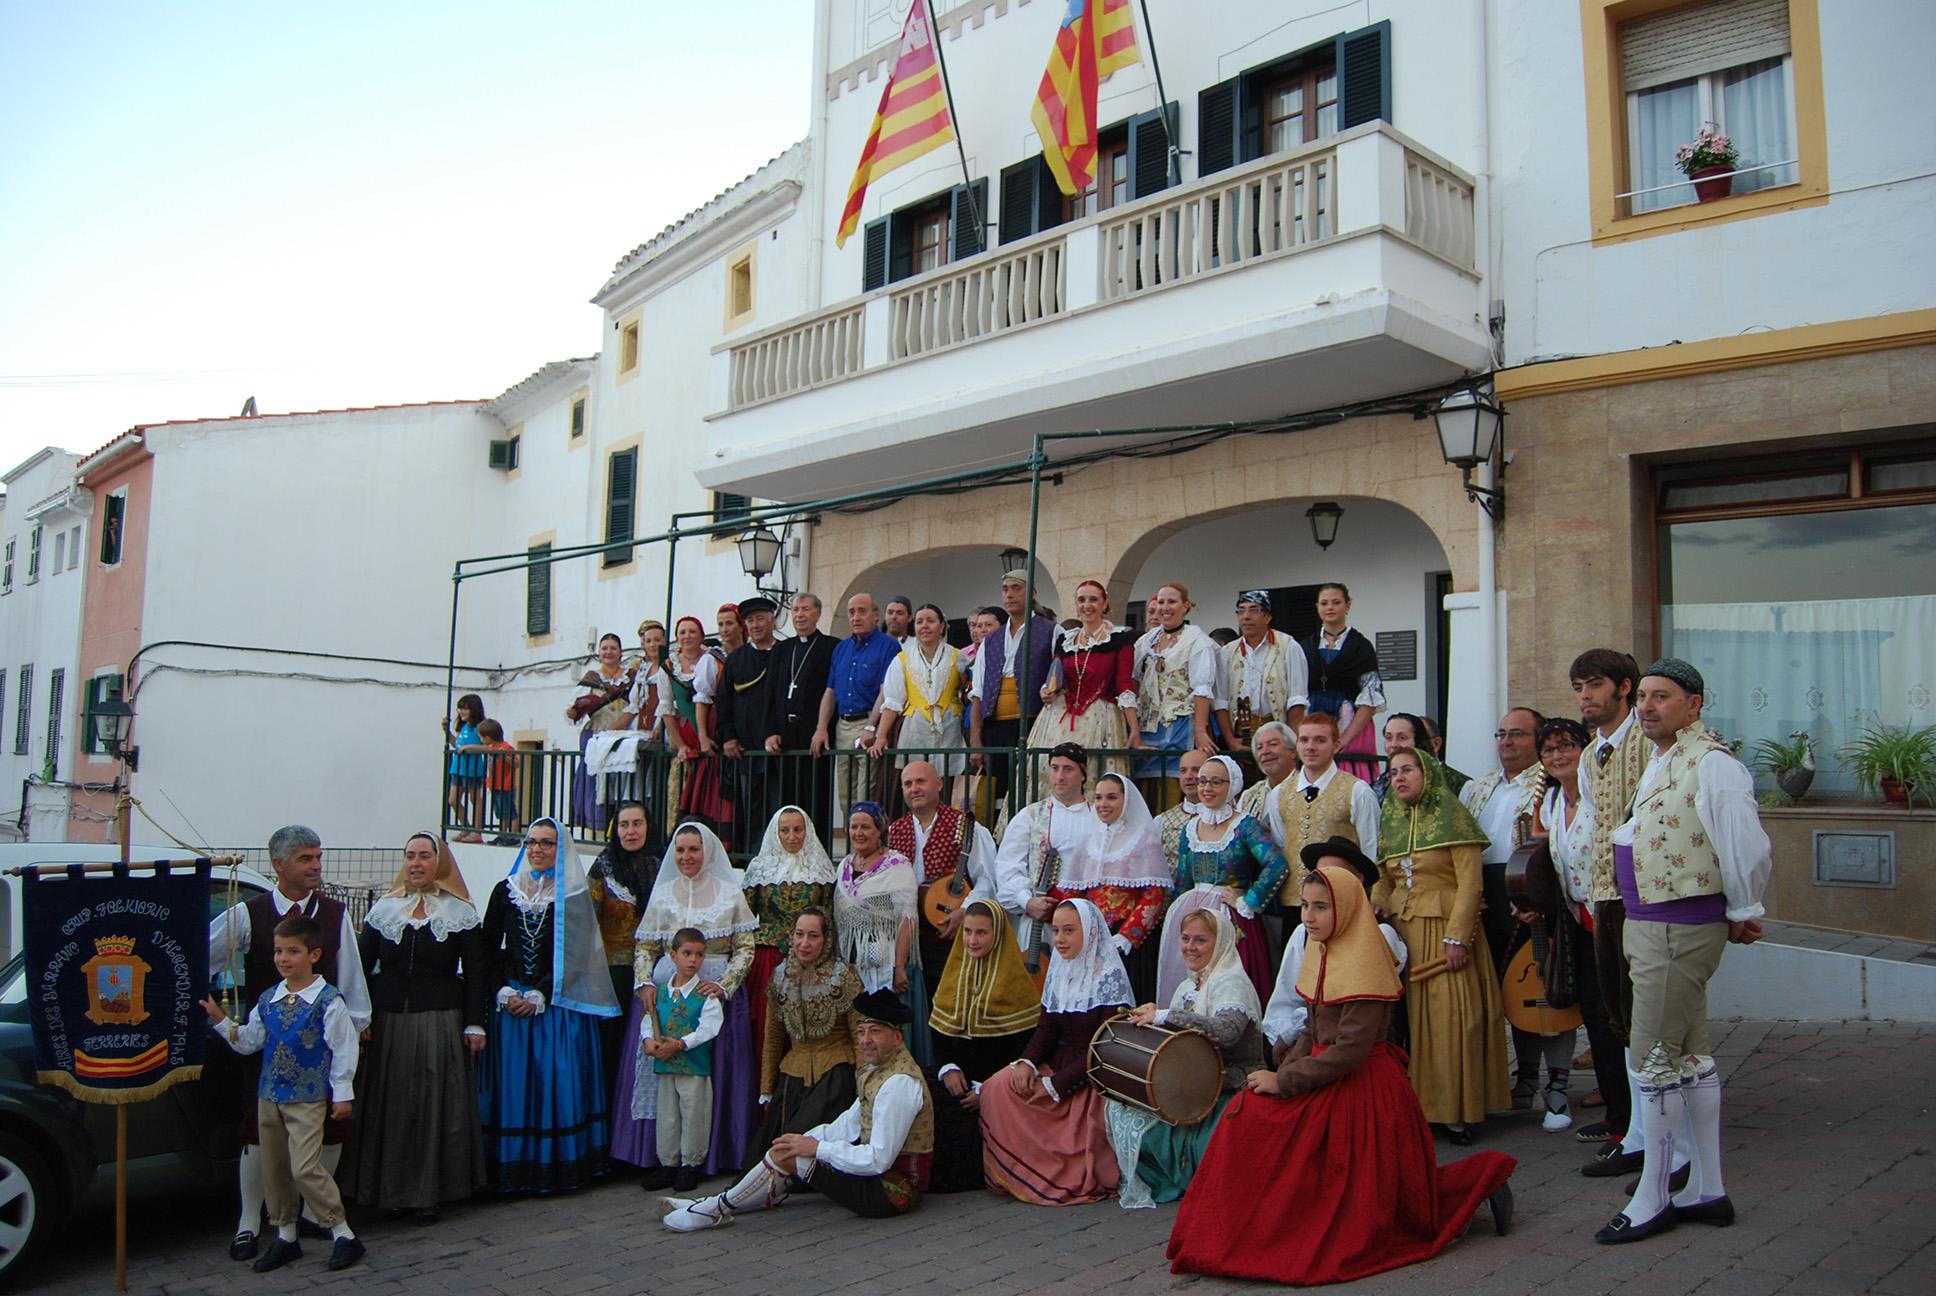 Els Grups de Muro i Ferreries, es varen fotografiar al Pla de l'Església, davant l'Ajuntament de Ferreries.